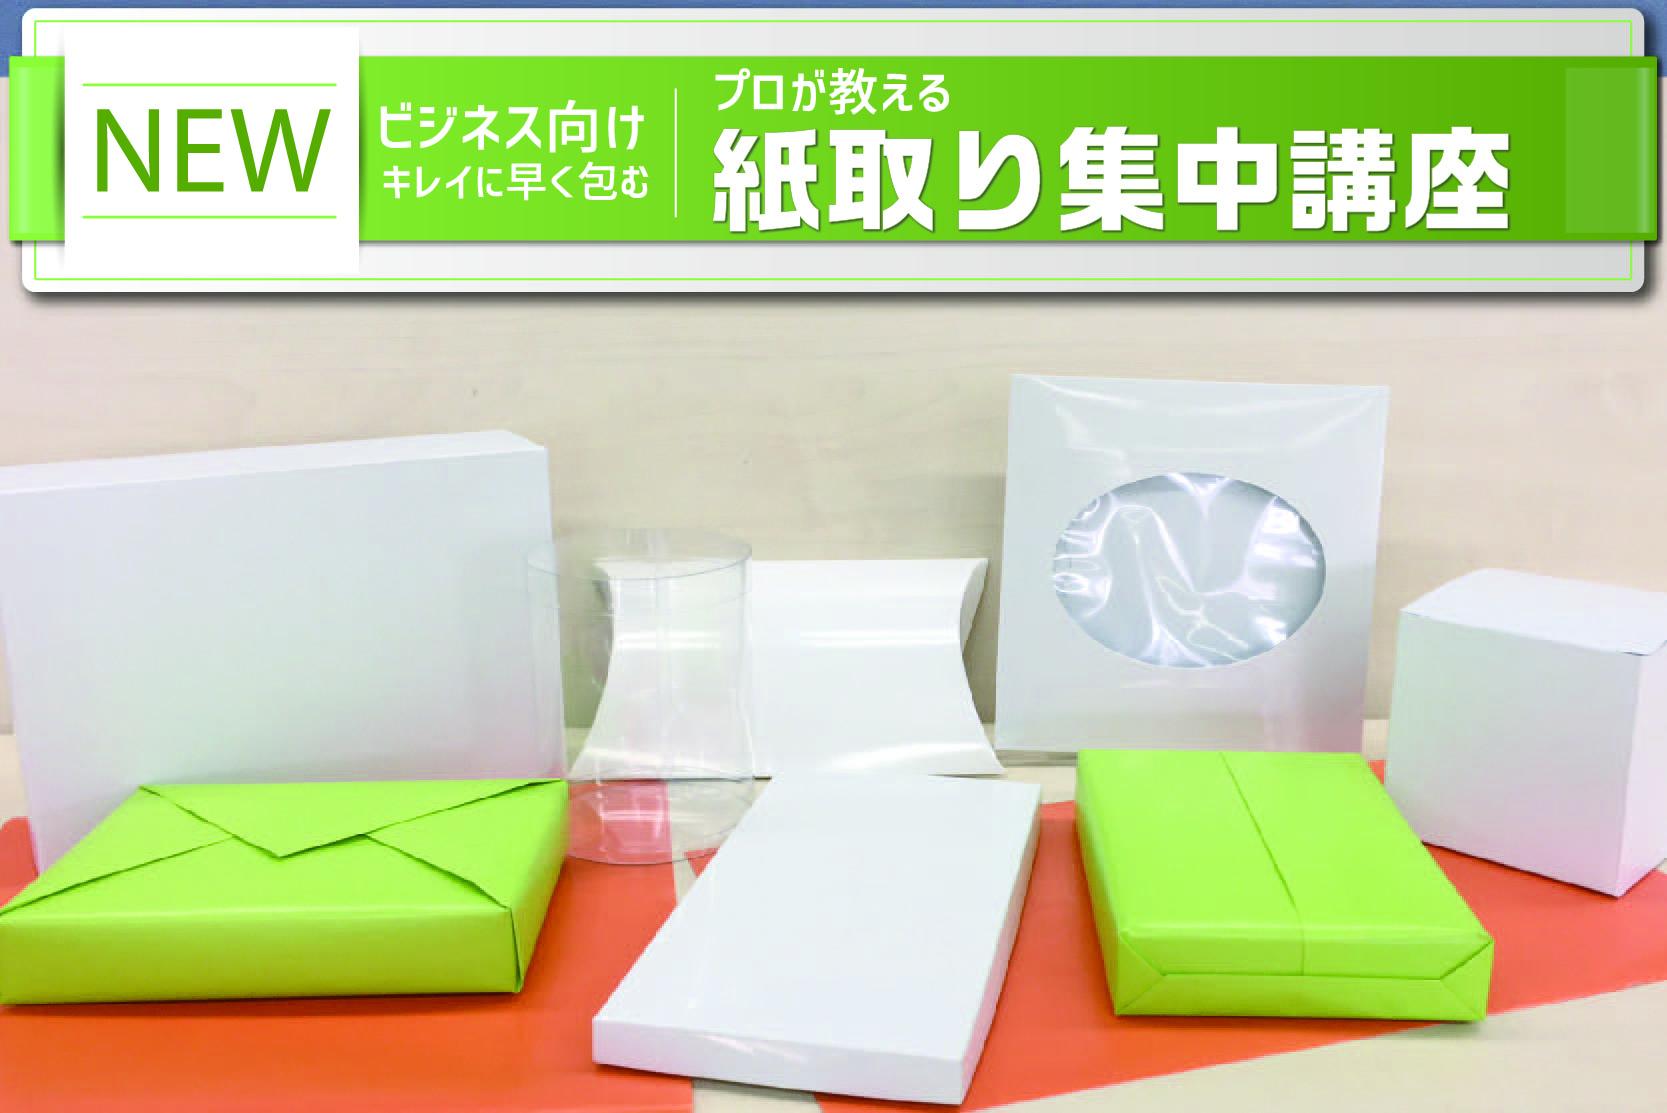 包装紙のサイズと包み方集中講座